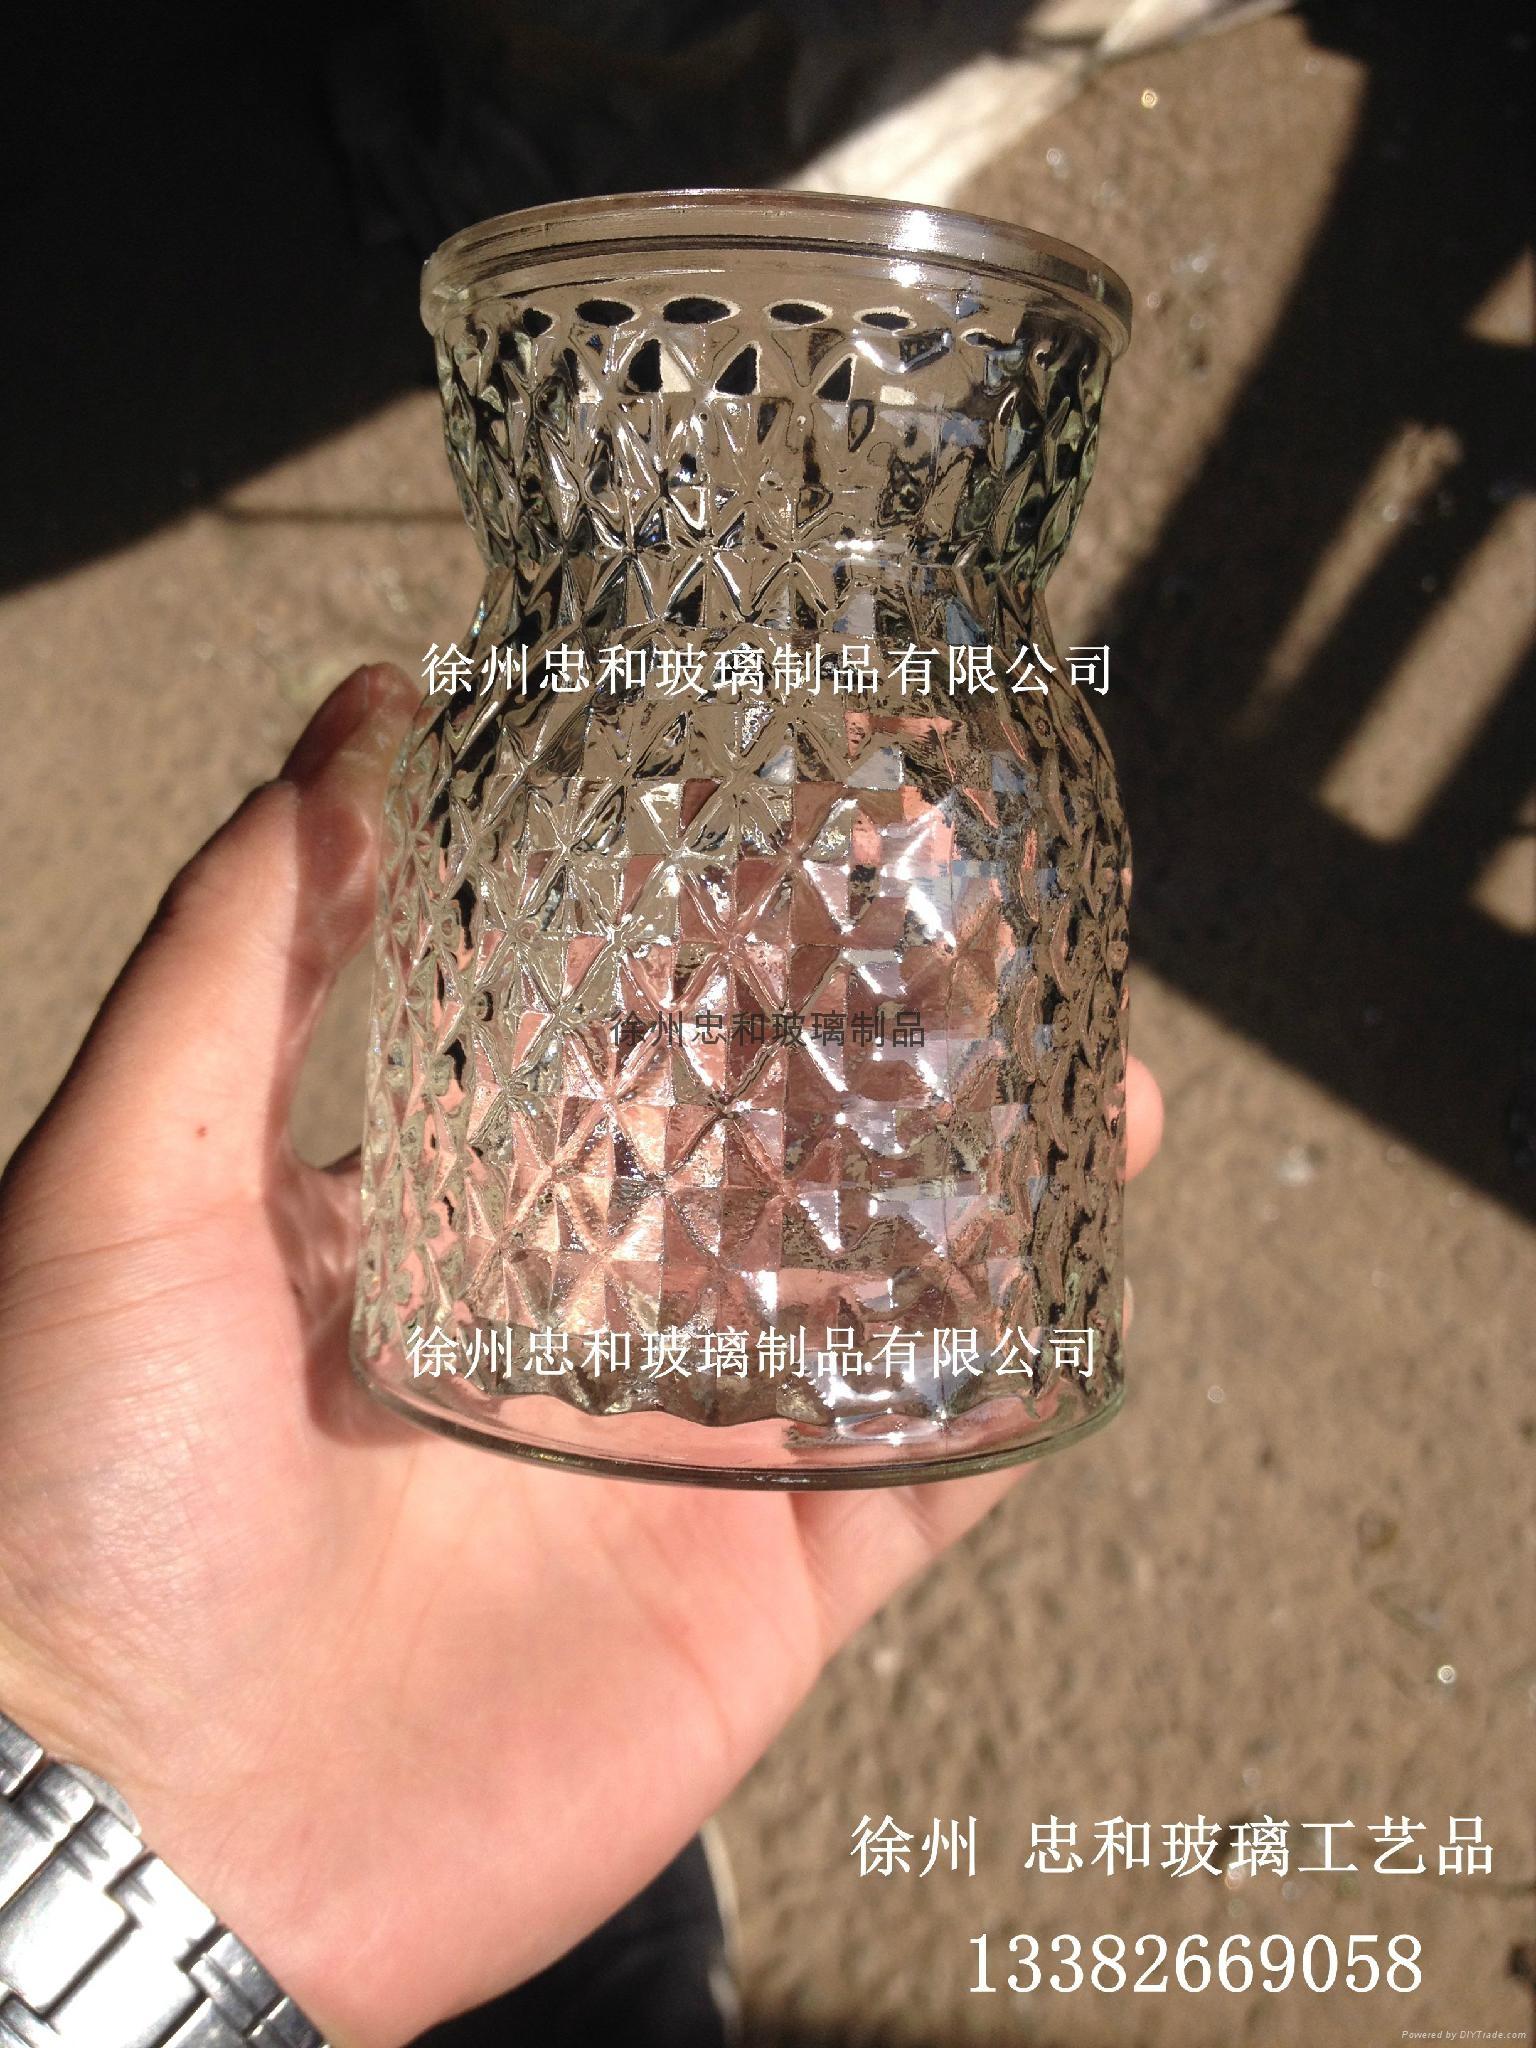 徐州玻璃工艺品 2